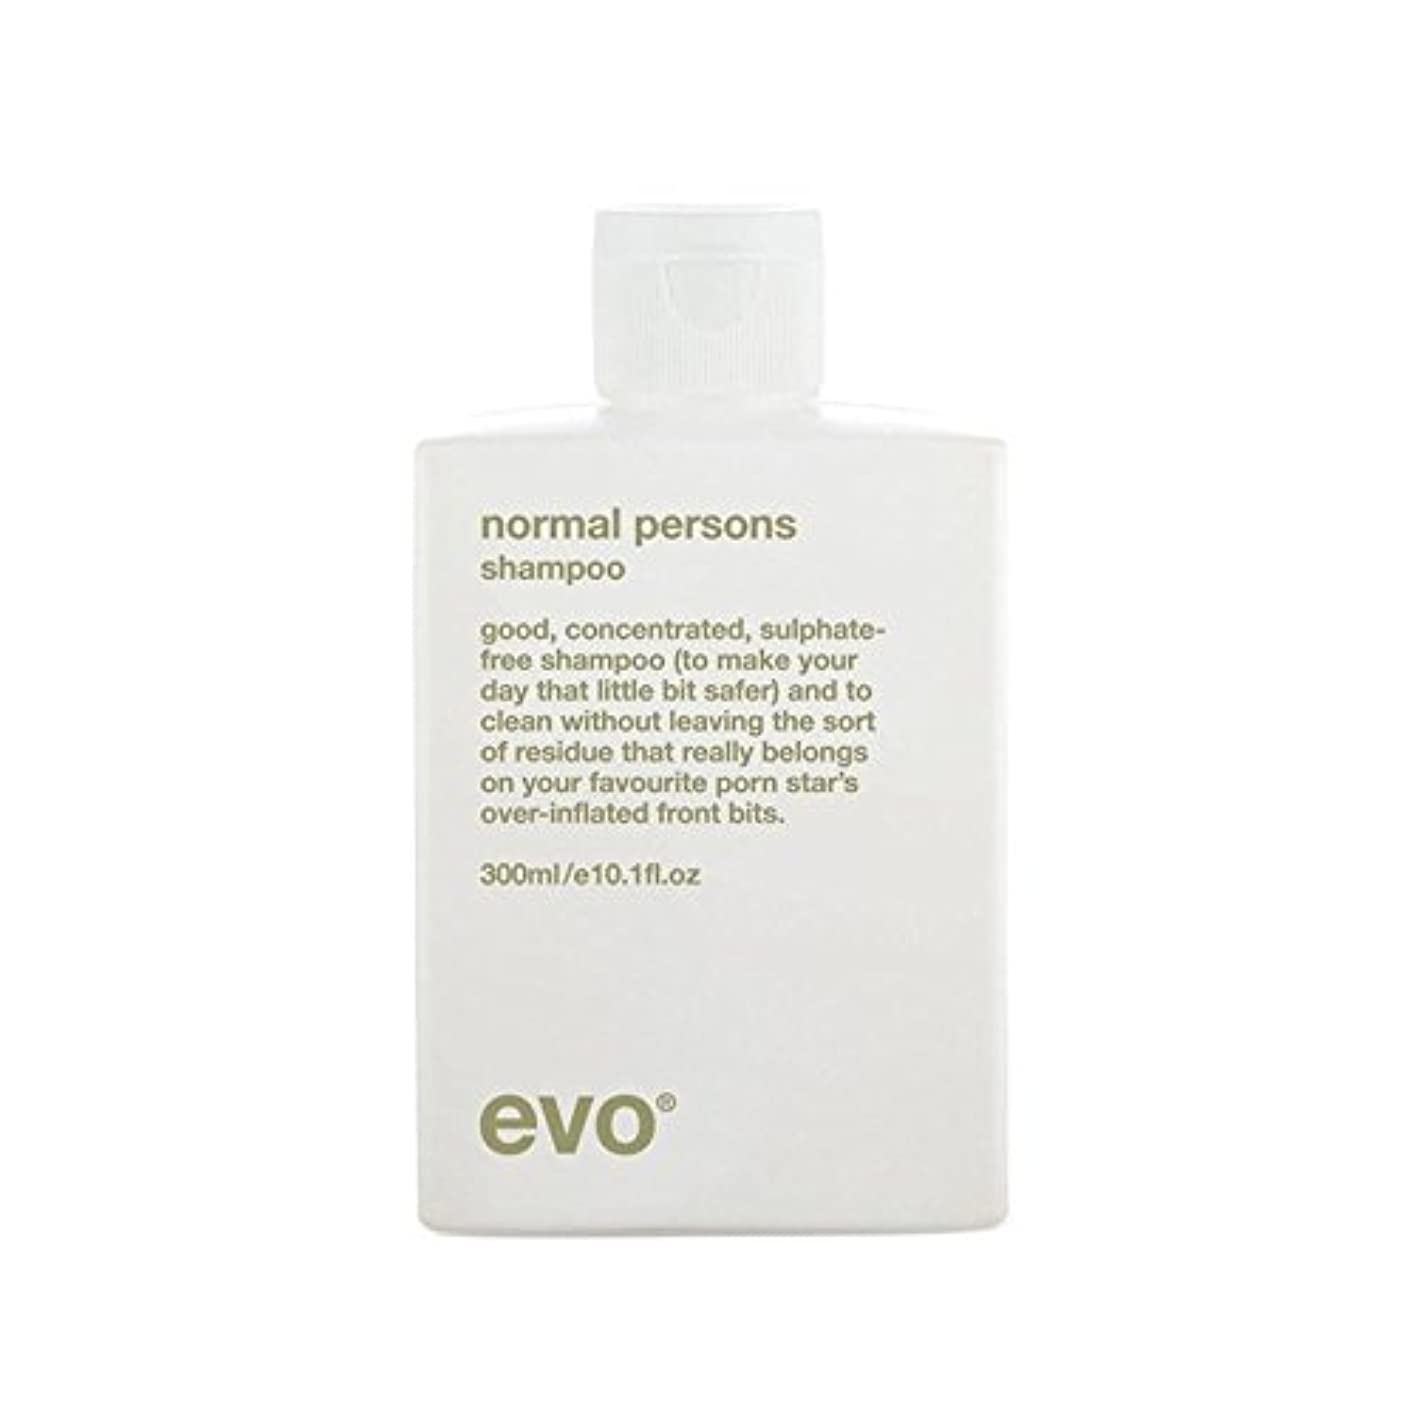 リングオール銅エボ正常人シャンプー(300ミリリットル) x4 - Evo Normal Persons Shampoo (300ml) (Pack of 4) [並行輸入品]